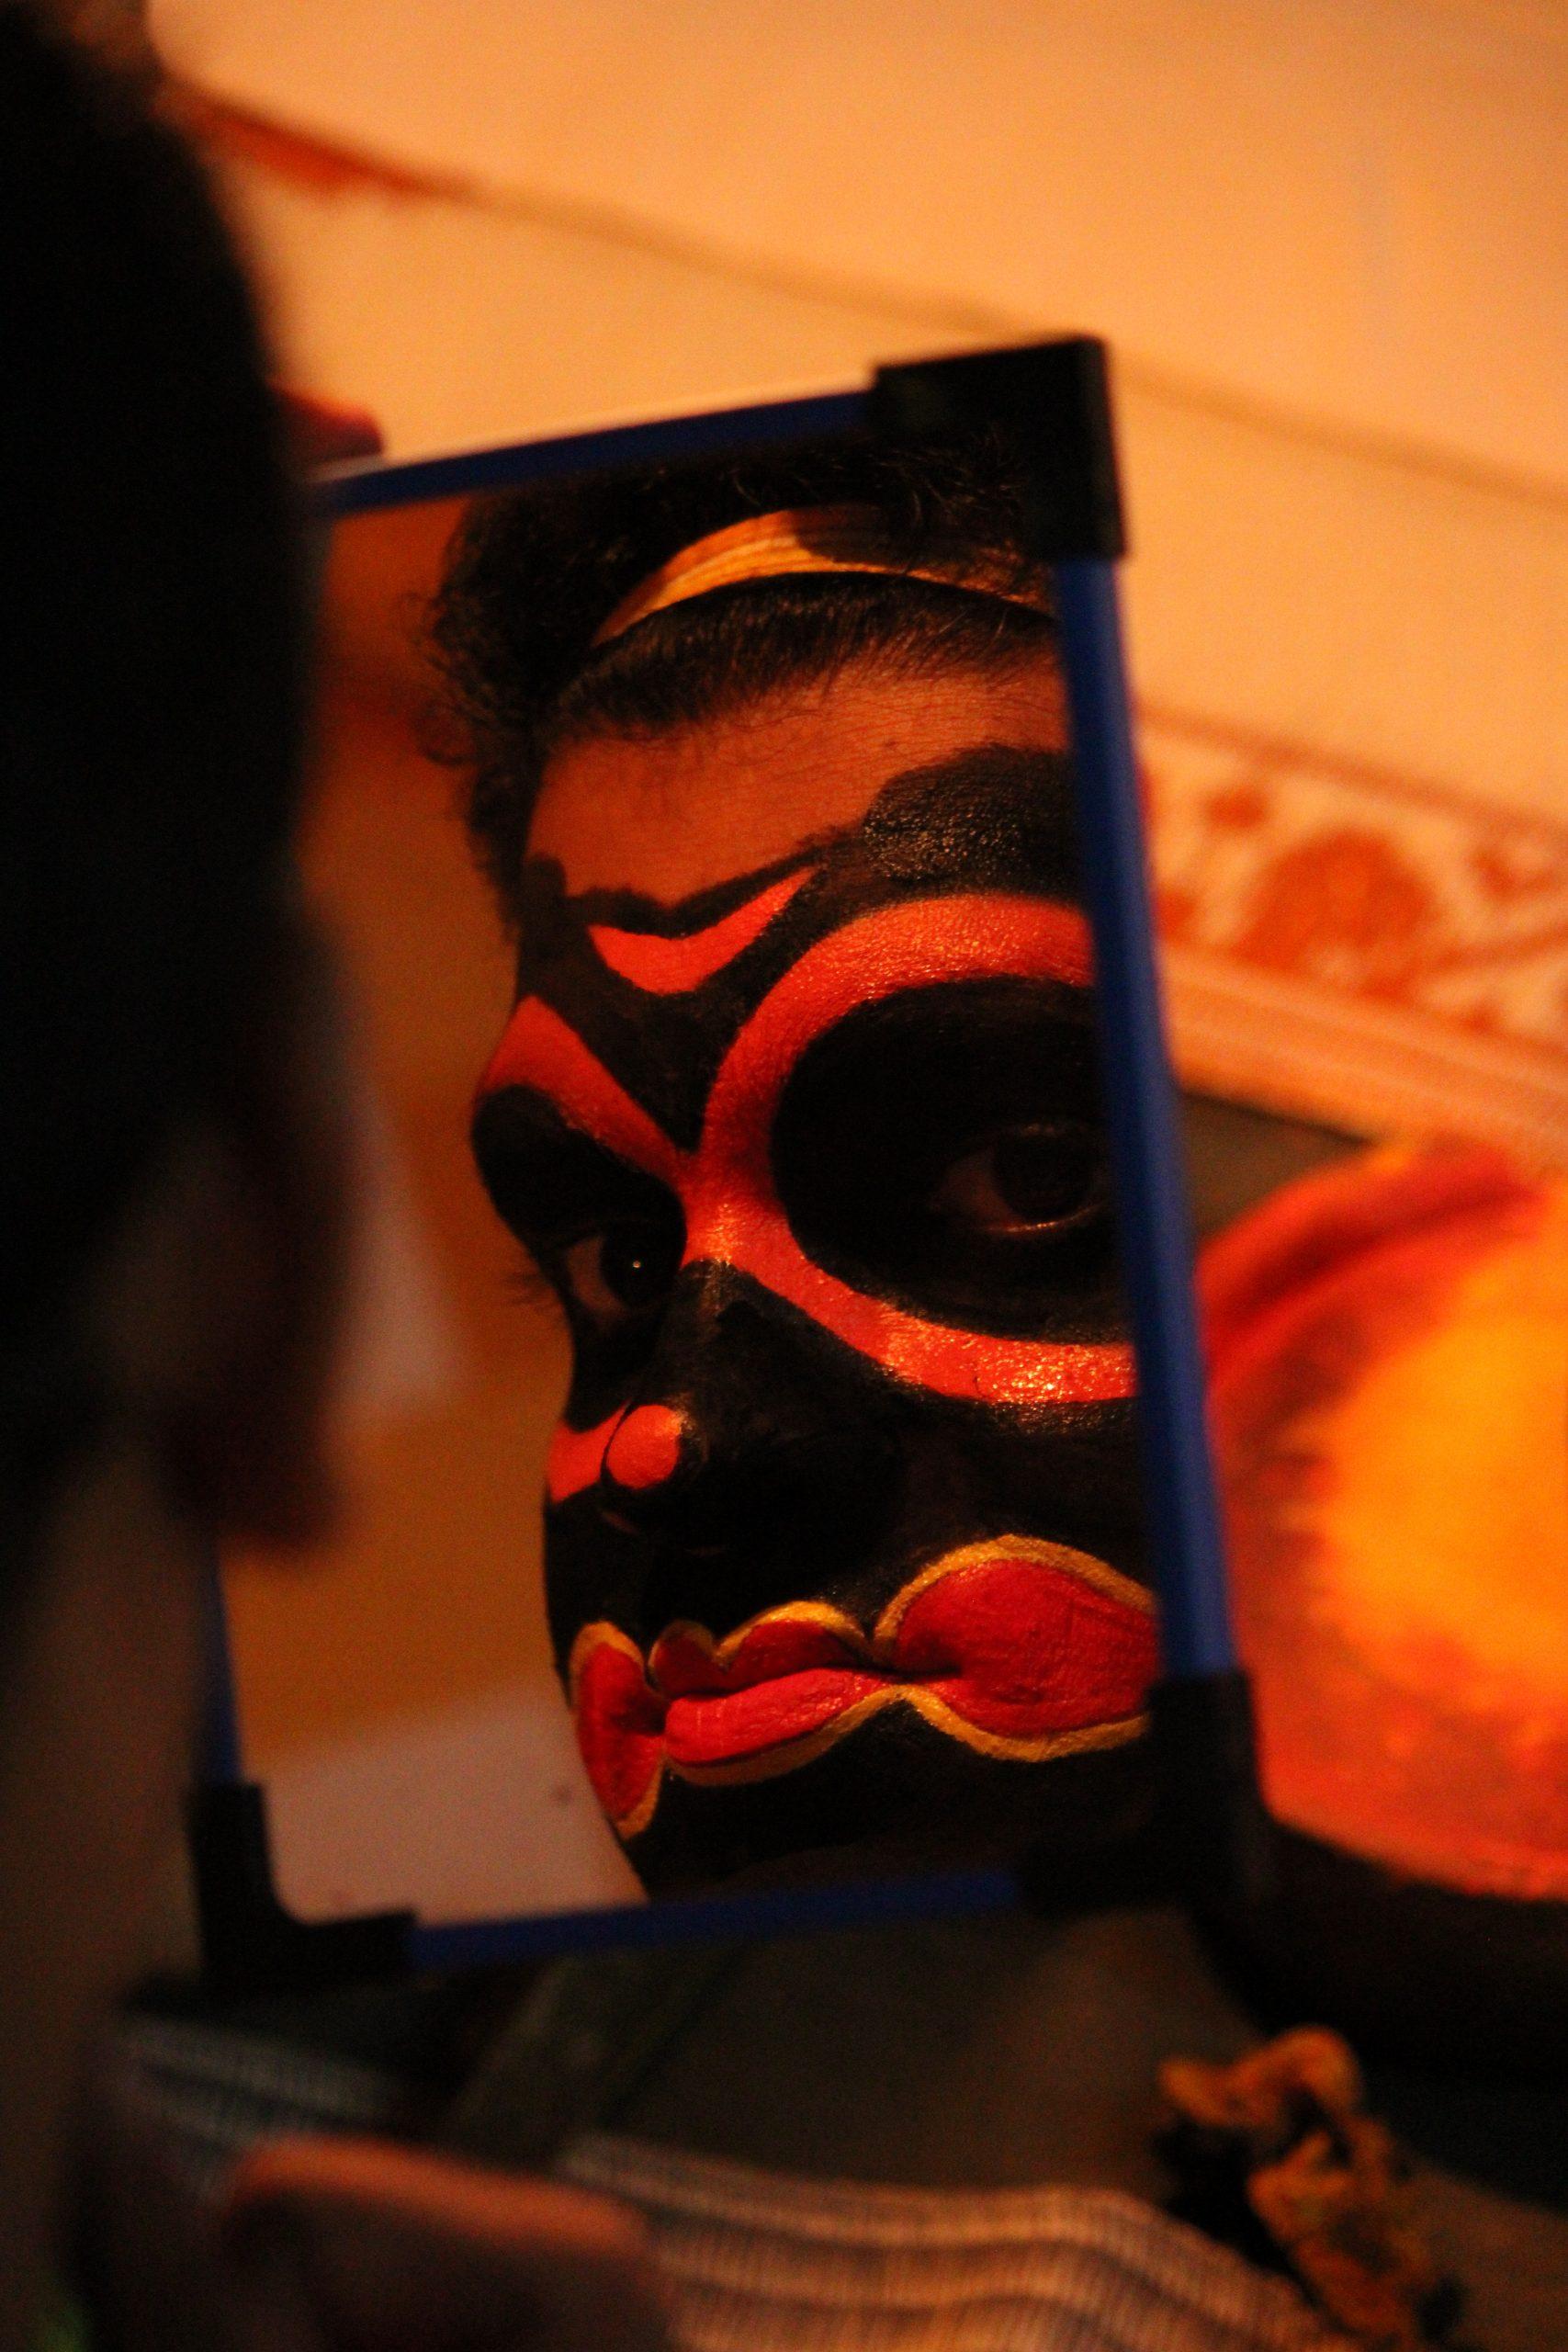 Kathakali Artist with makeup